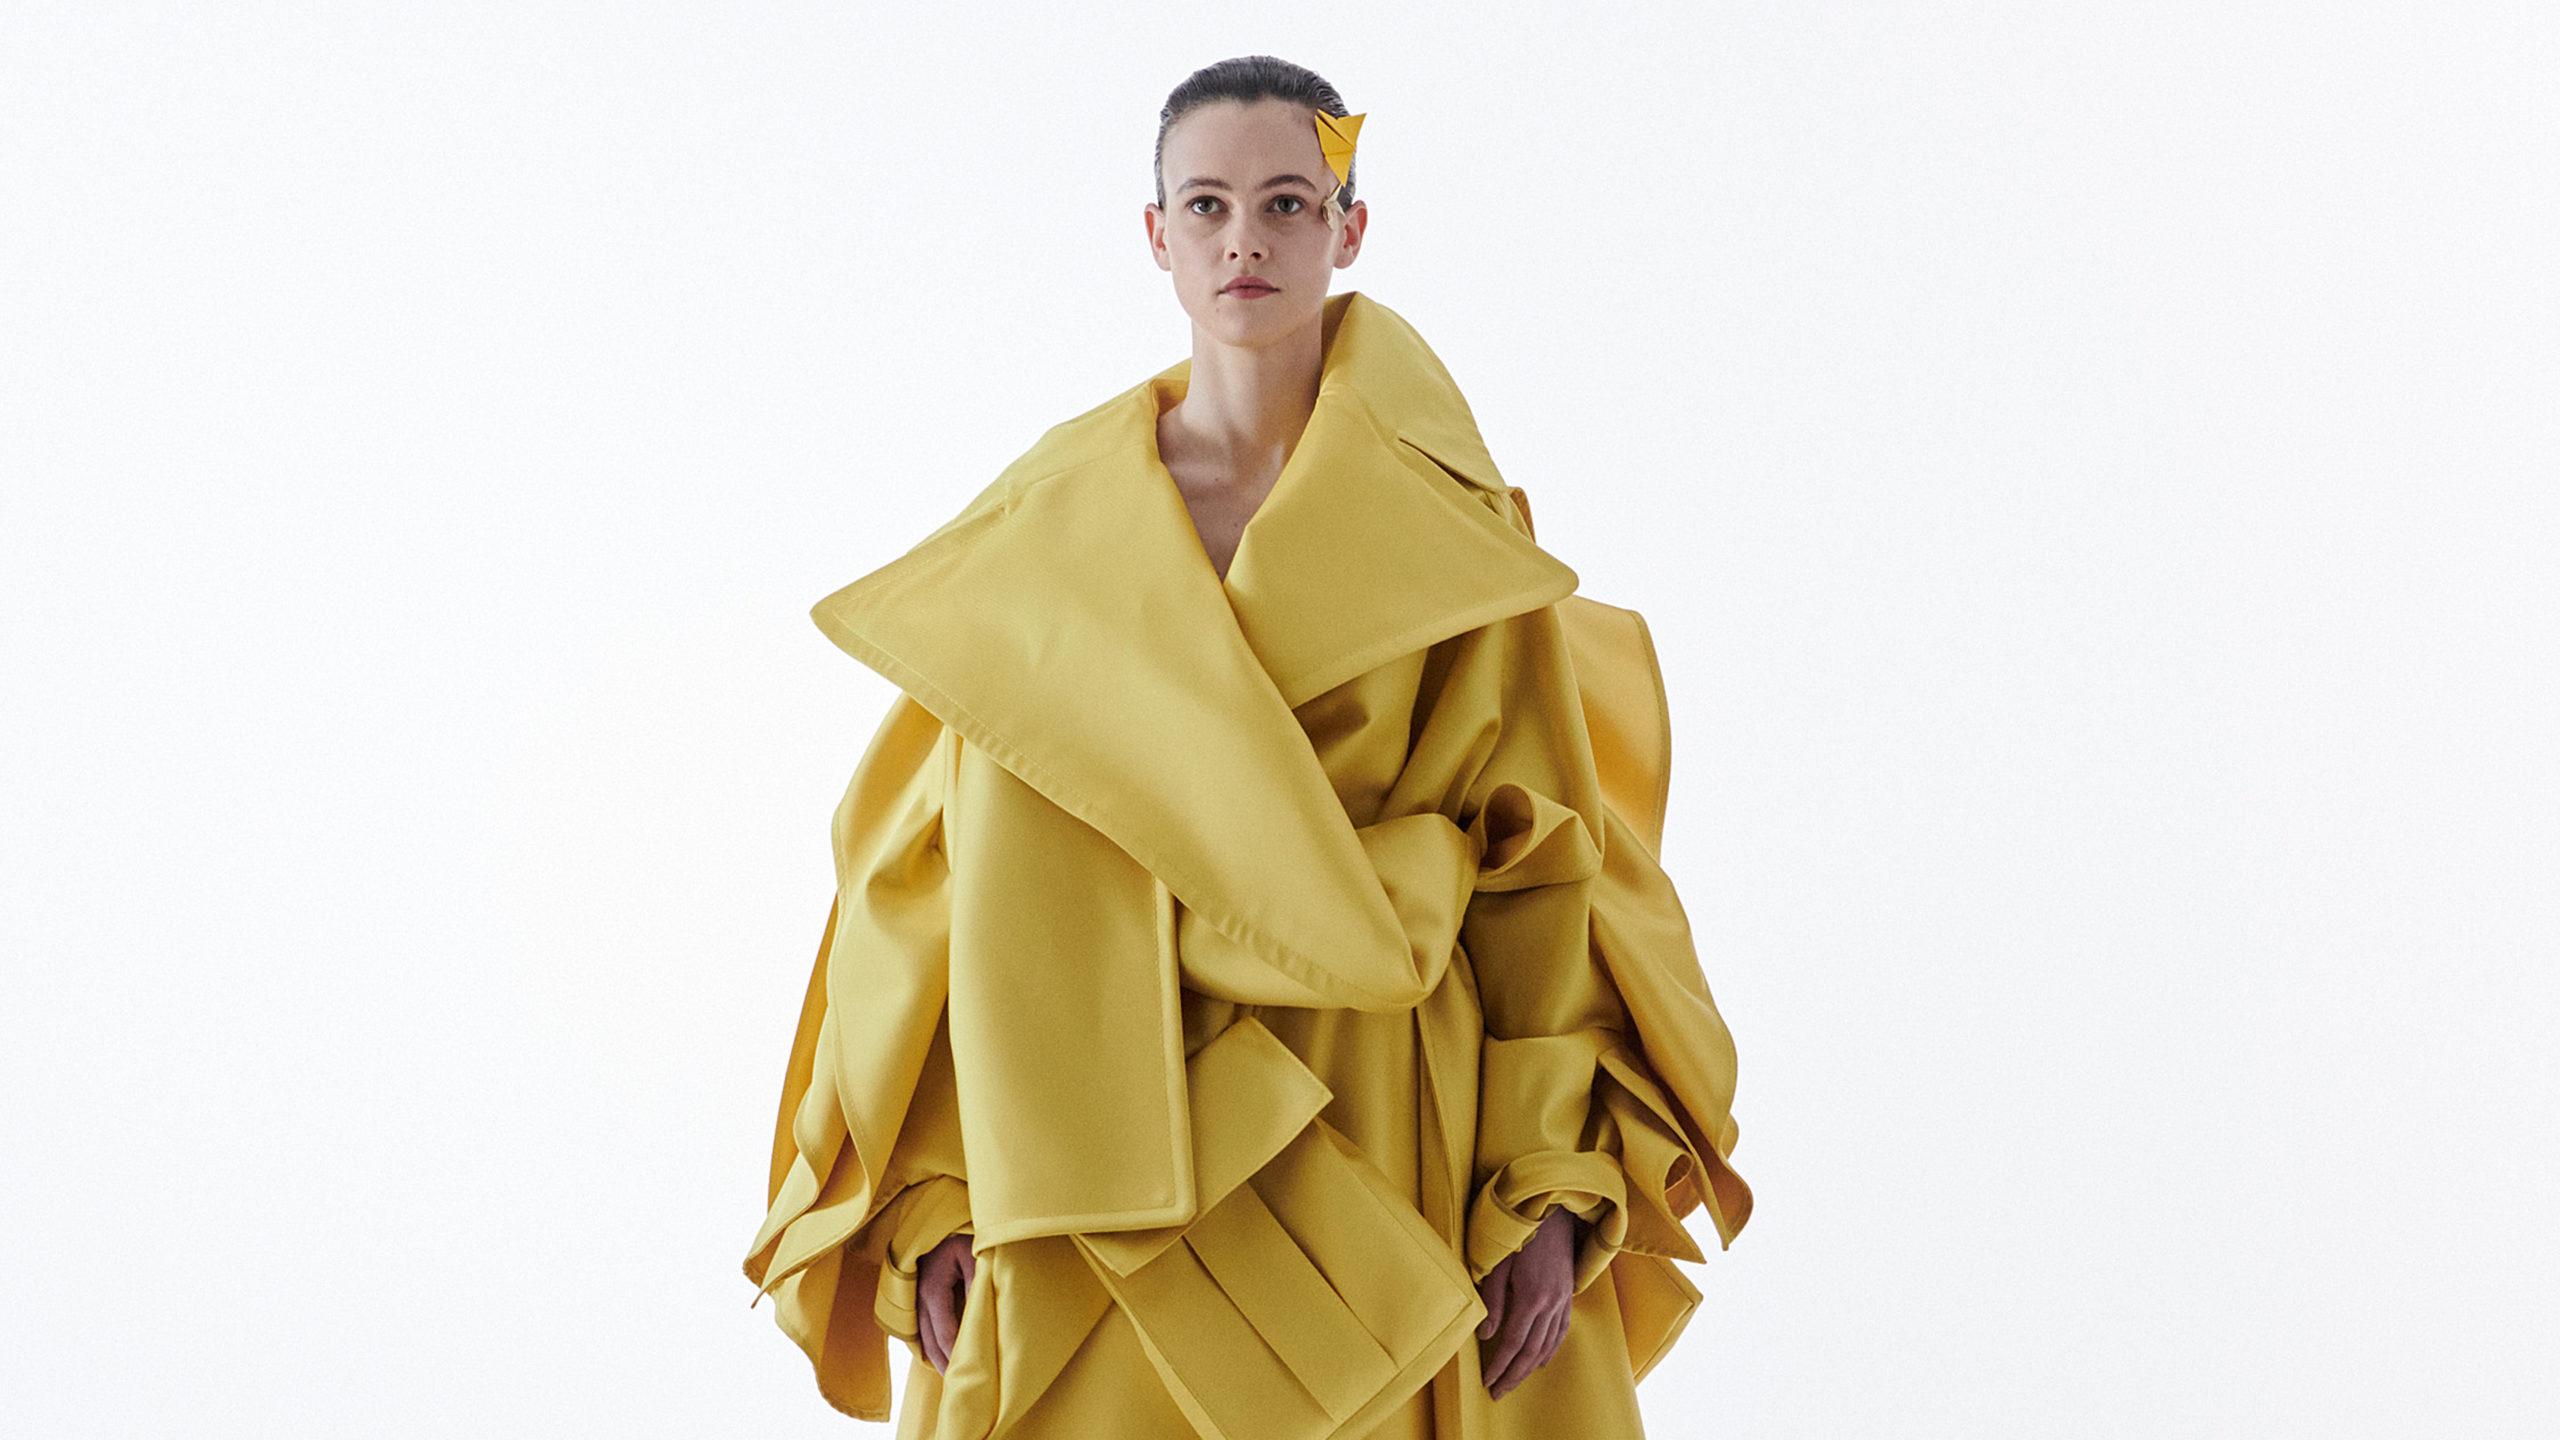 Claes Iversen presenteert nieuwe couturecollectie tijdens expositie